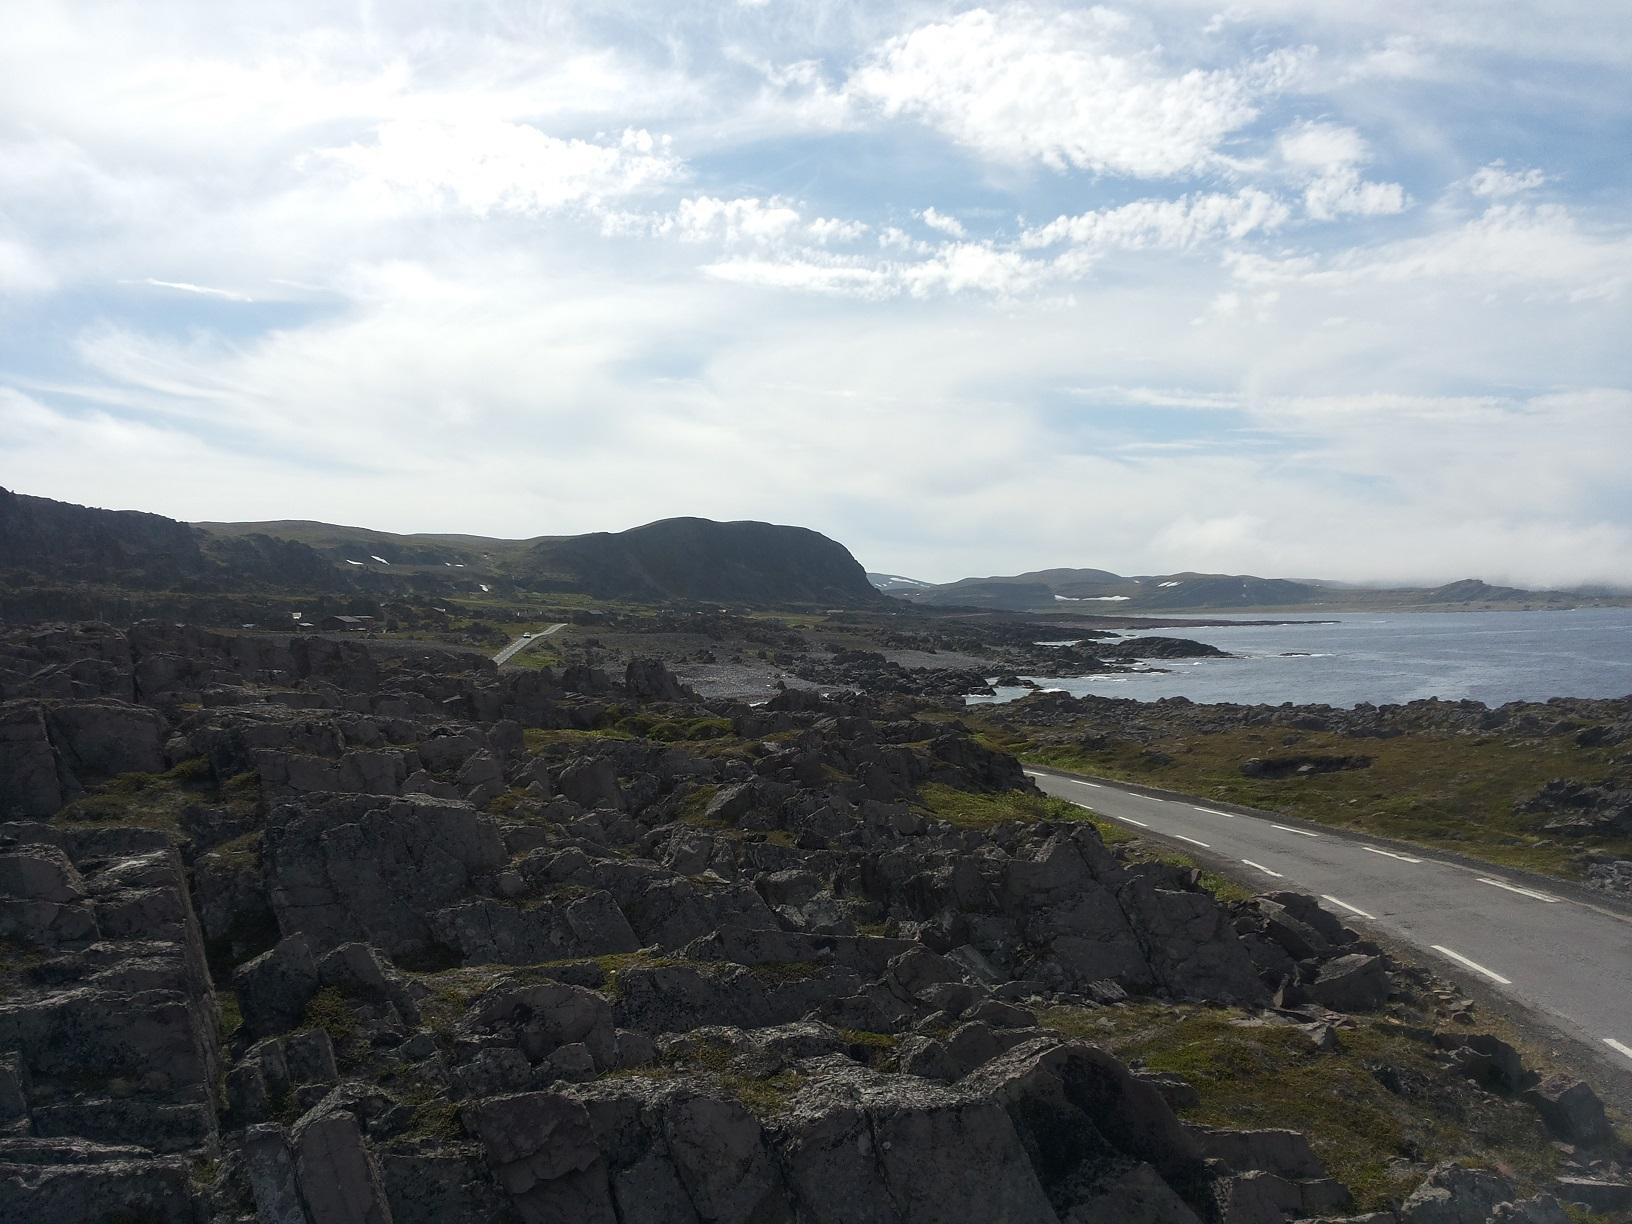 Nasjonal Turistveg Varanger2